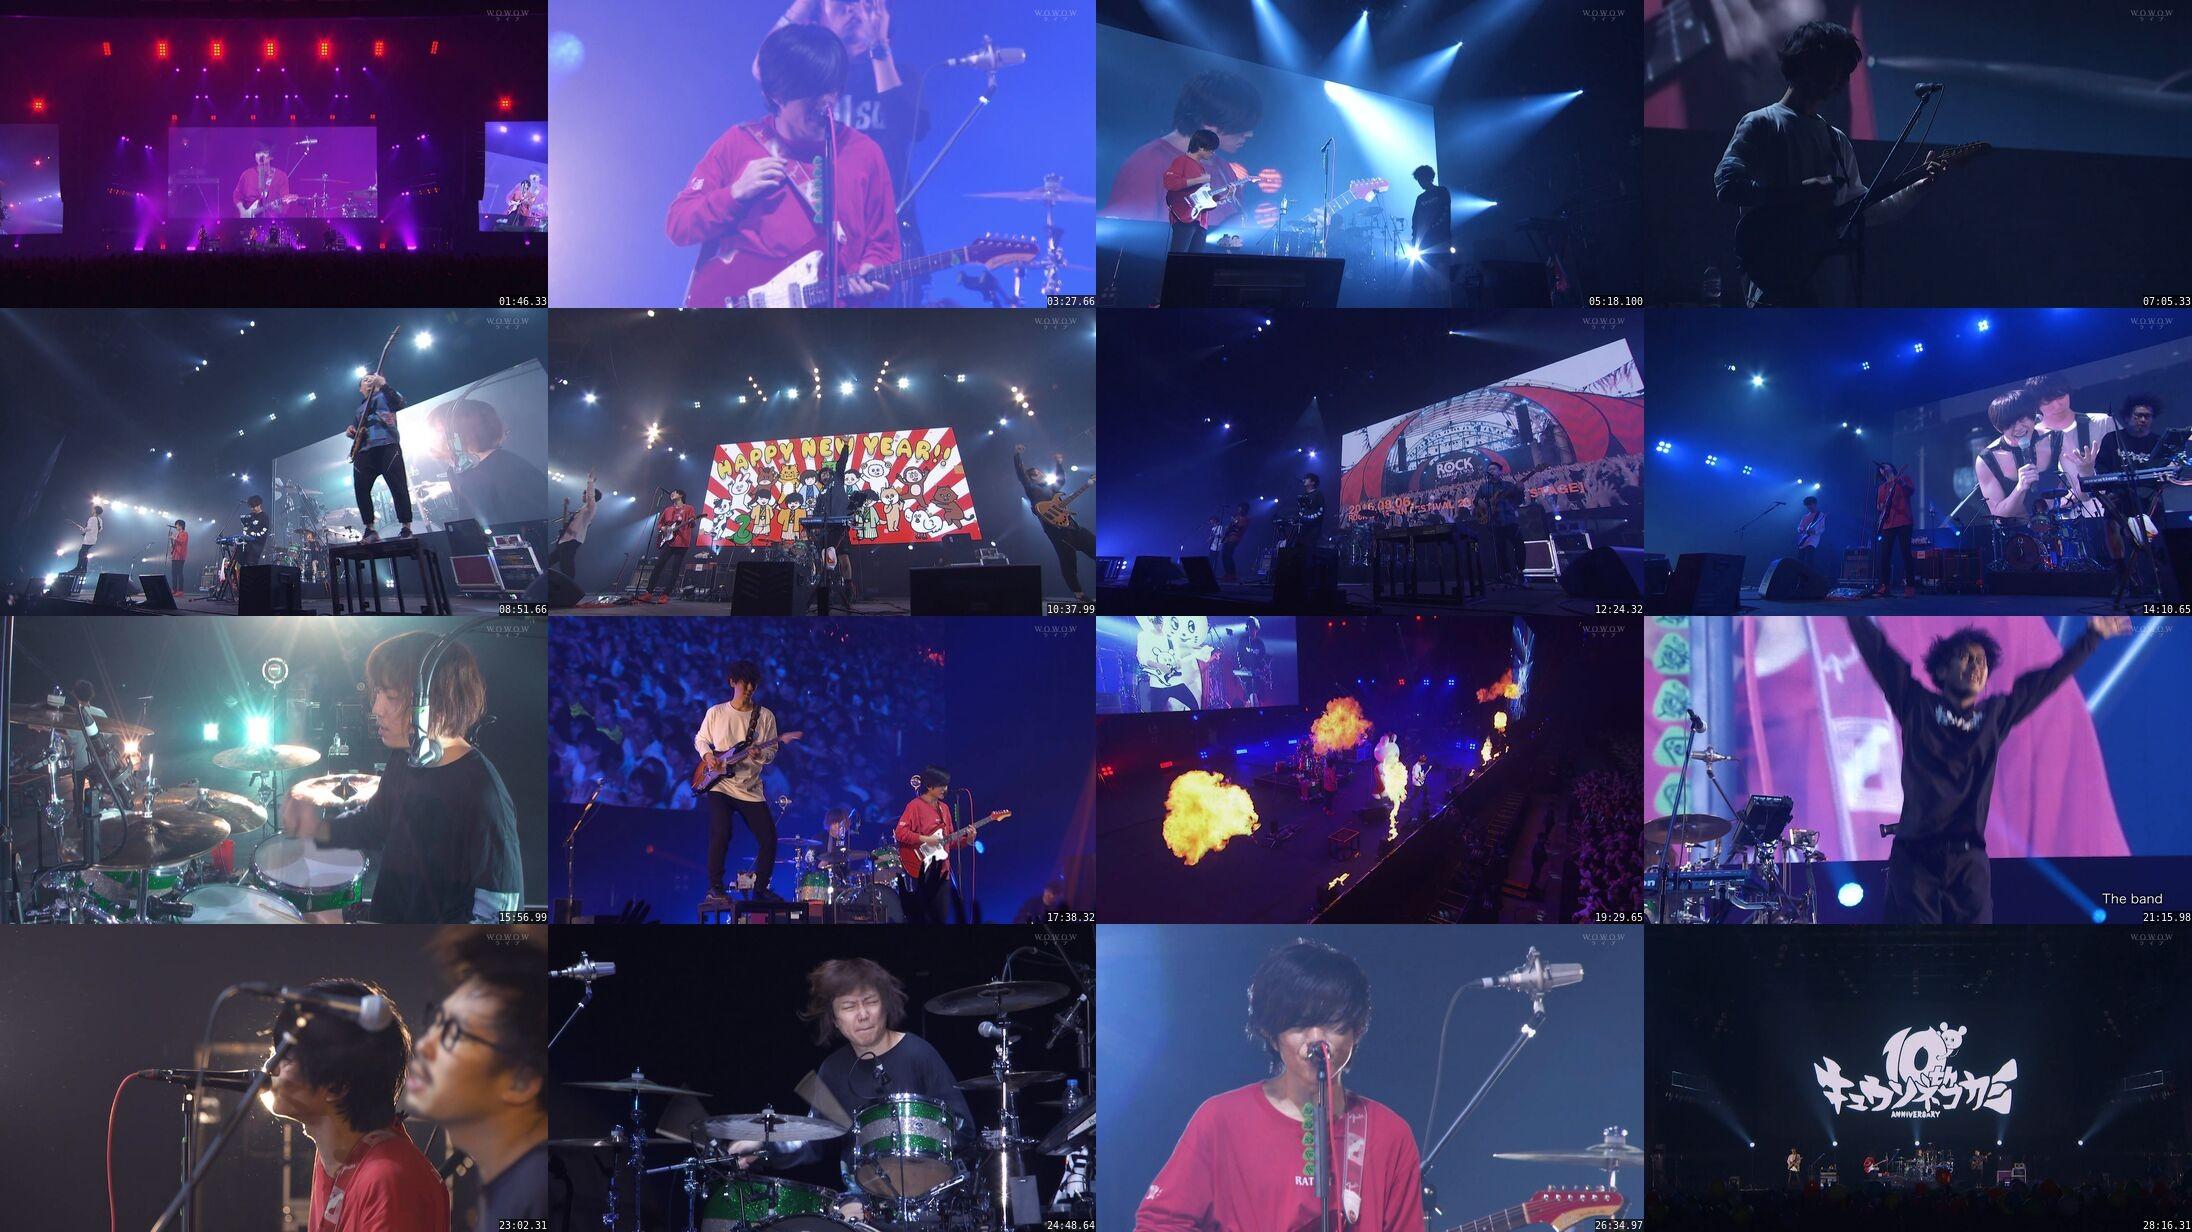 キュウソネコカミ (Kyuuso Nekokami) – COUNTDOWN JAPAN 19/20 Artist Special Kyuuso Nekokami (WOWOW Live 2020.07.24)